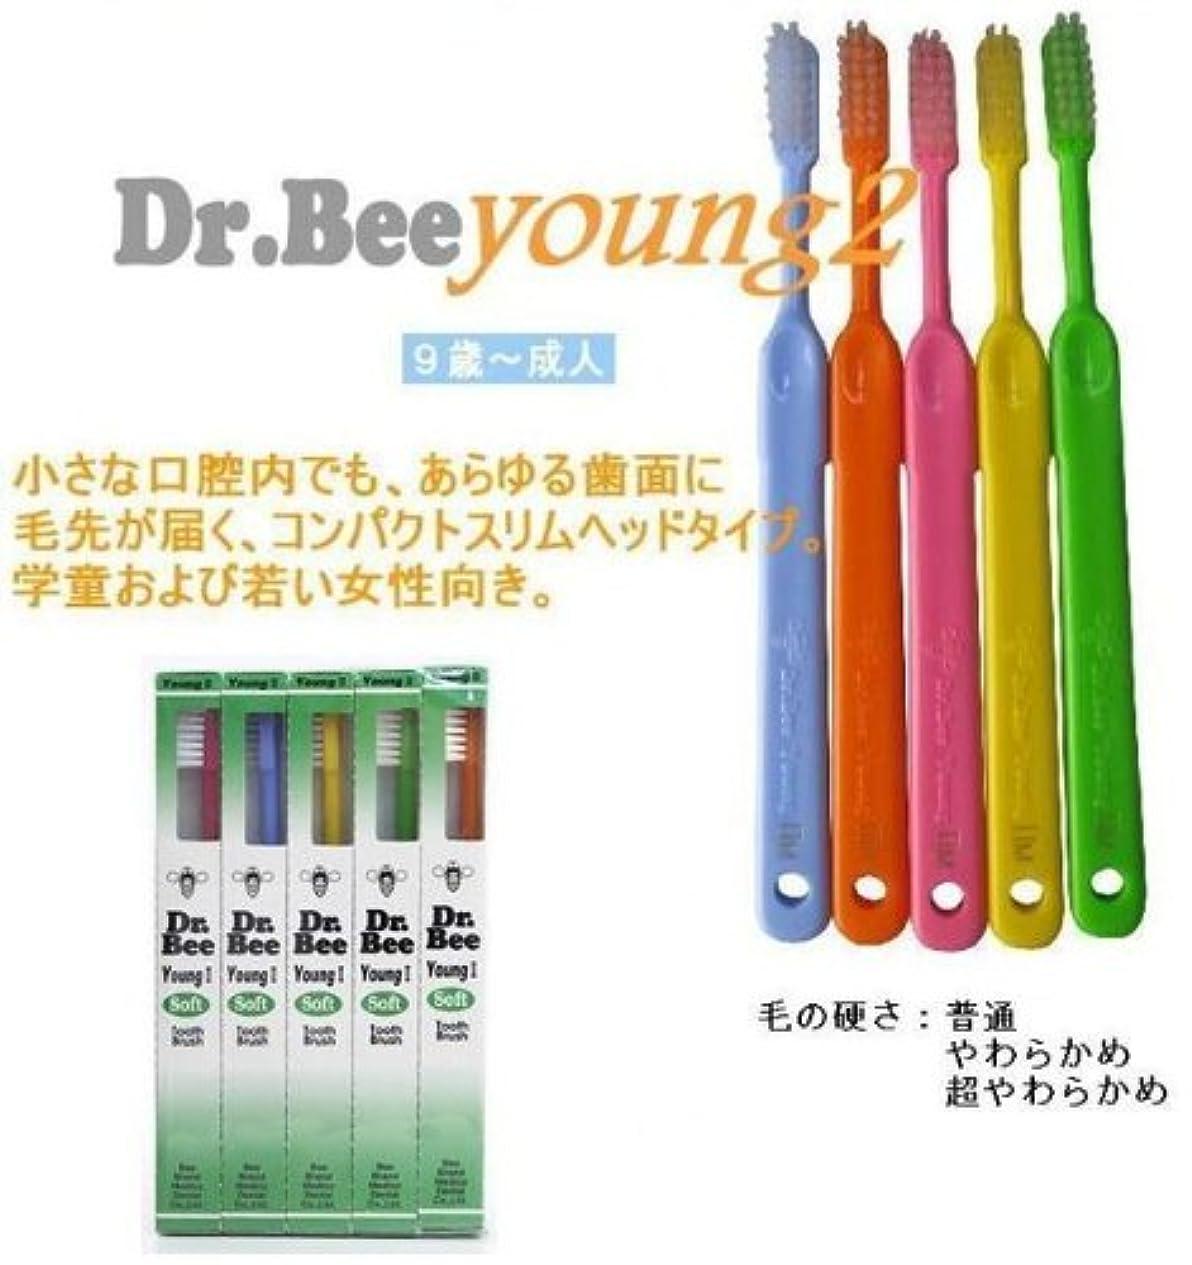 スリットごみ土器BeeBrand Dr.BEE 歯ブラシ ヤングII ソフト